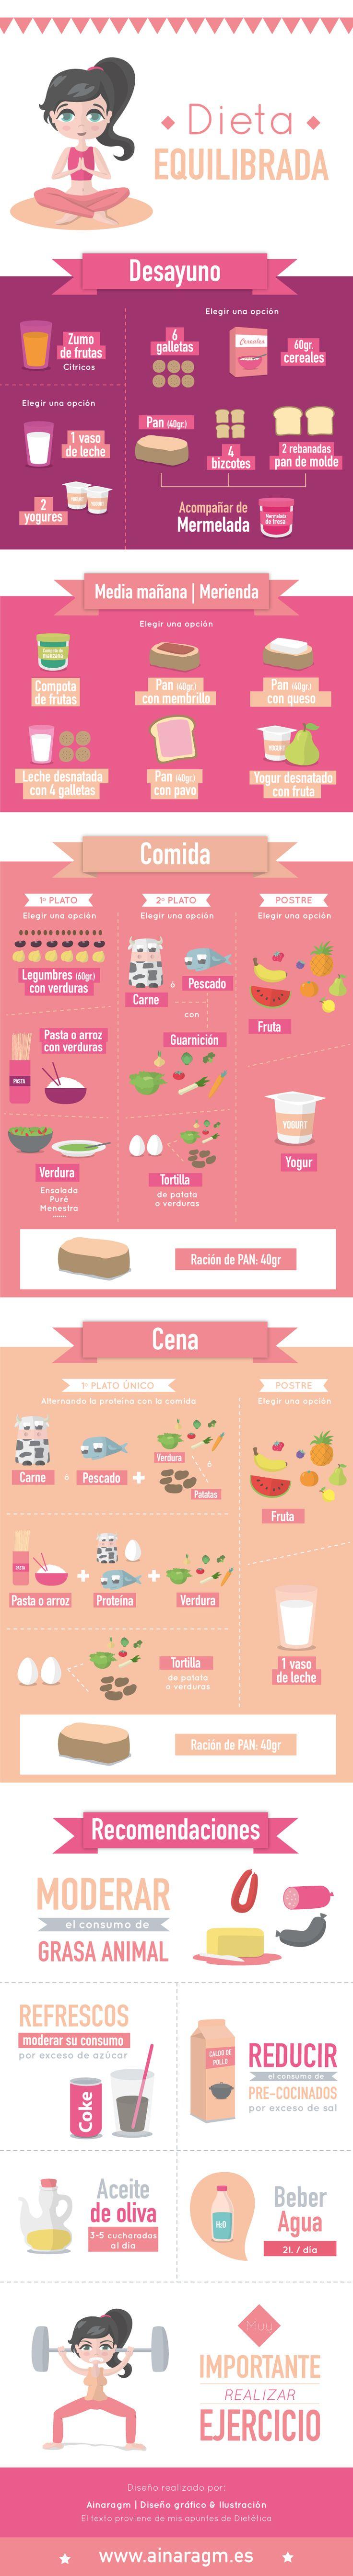 Infografía de una #dieta equilibrada